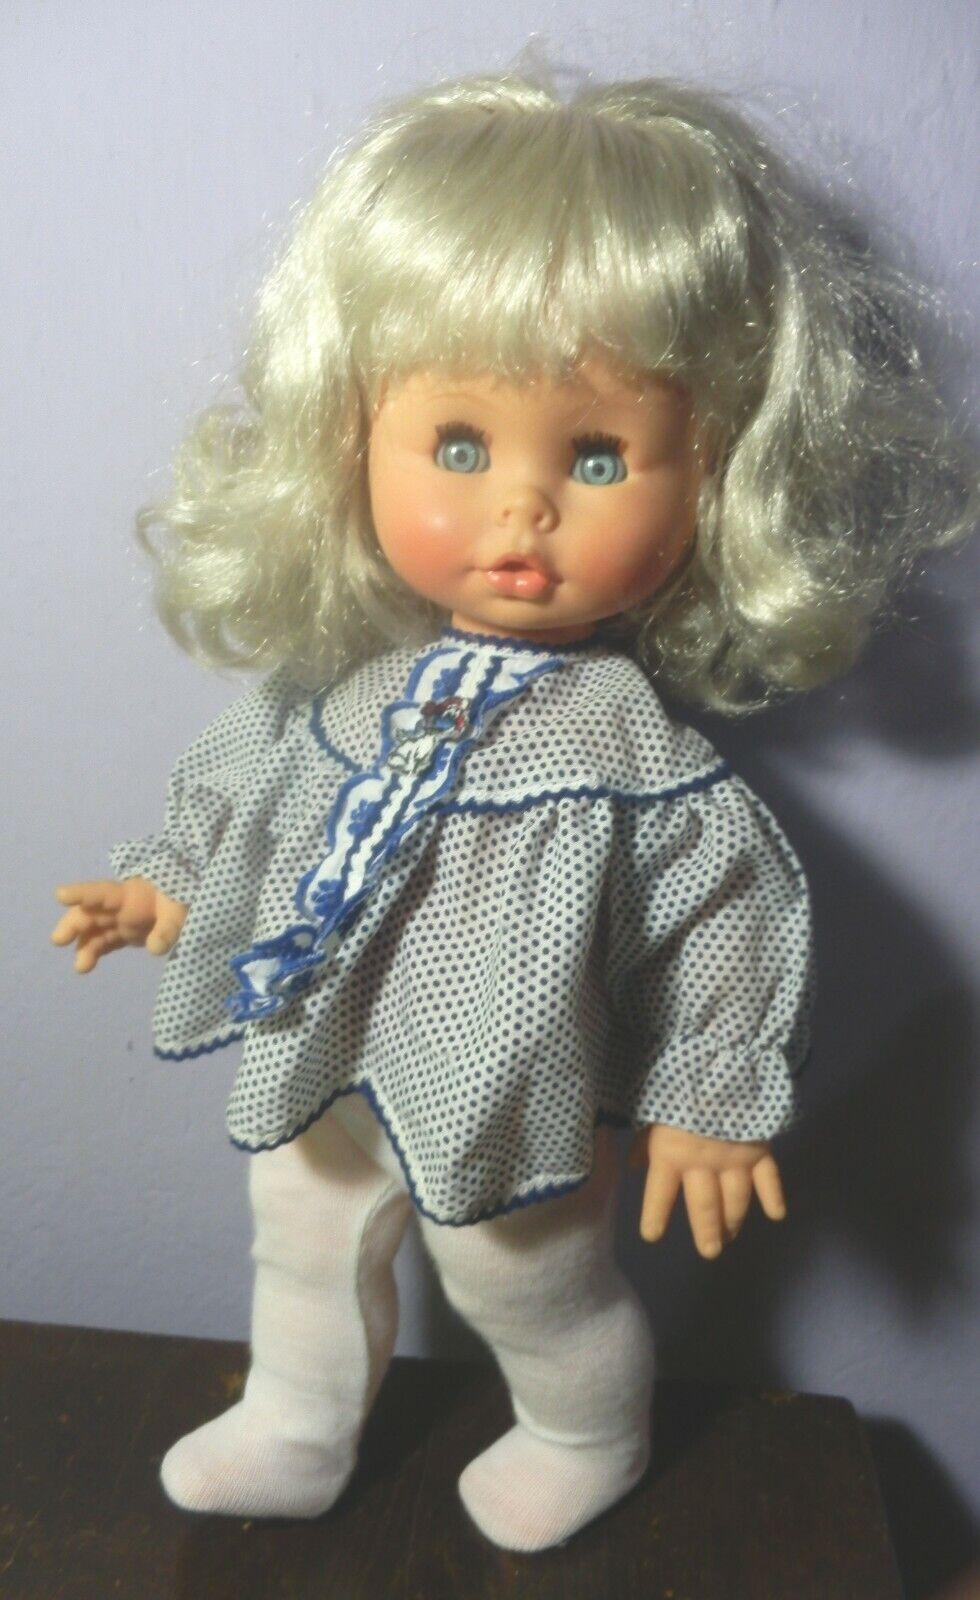 Bella  Bambola Migliorati Ottime condizioni bambola Poupee Puppen   Vintage Antico  esclusivo